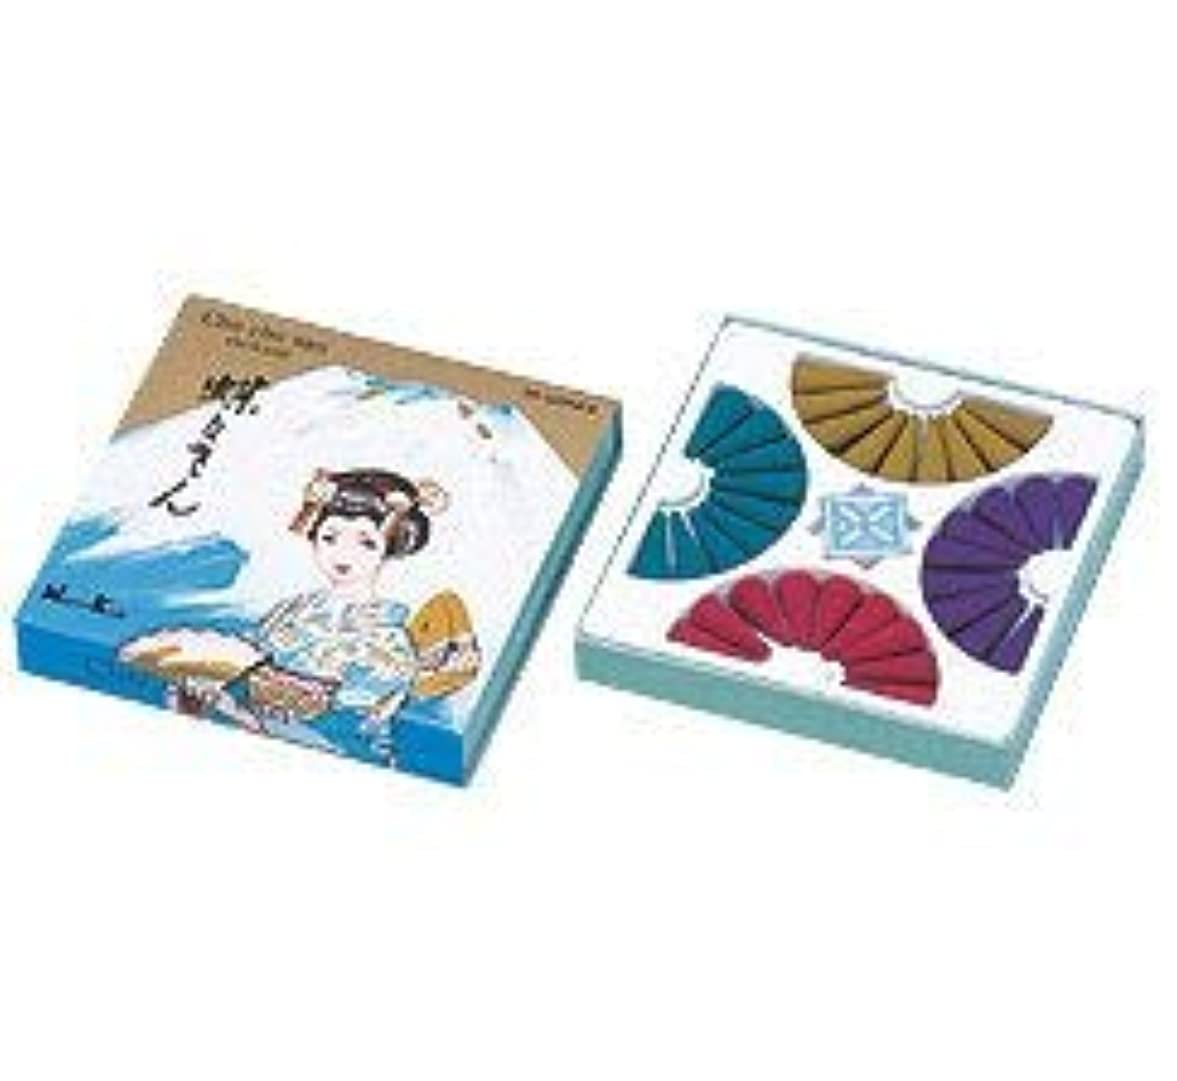 差別化するましいおじいちゃん蝶々さん 36個 × 20個セット